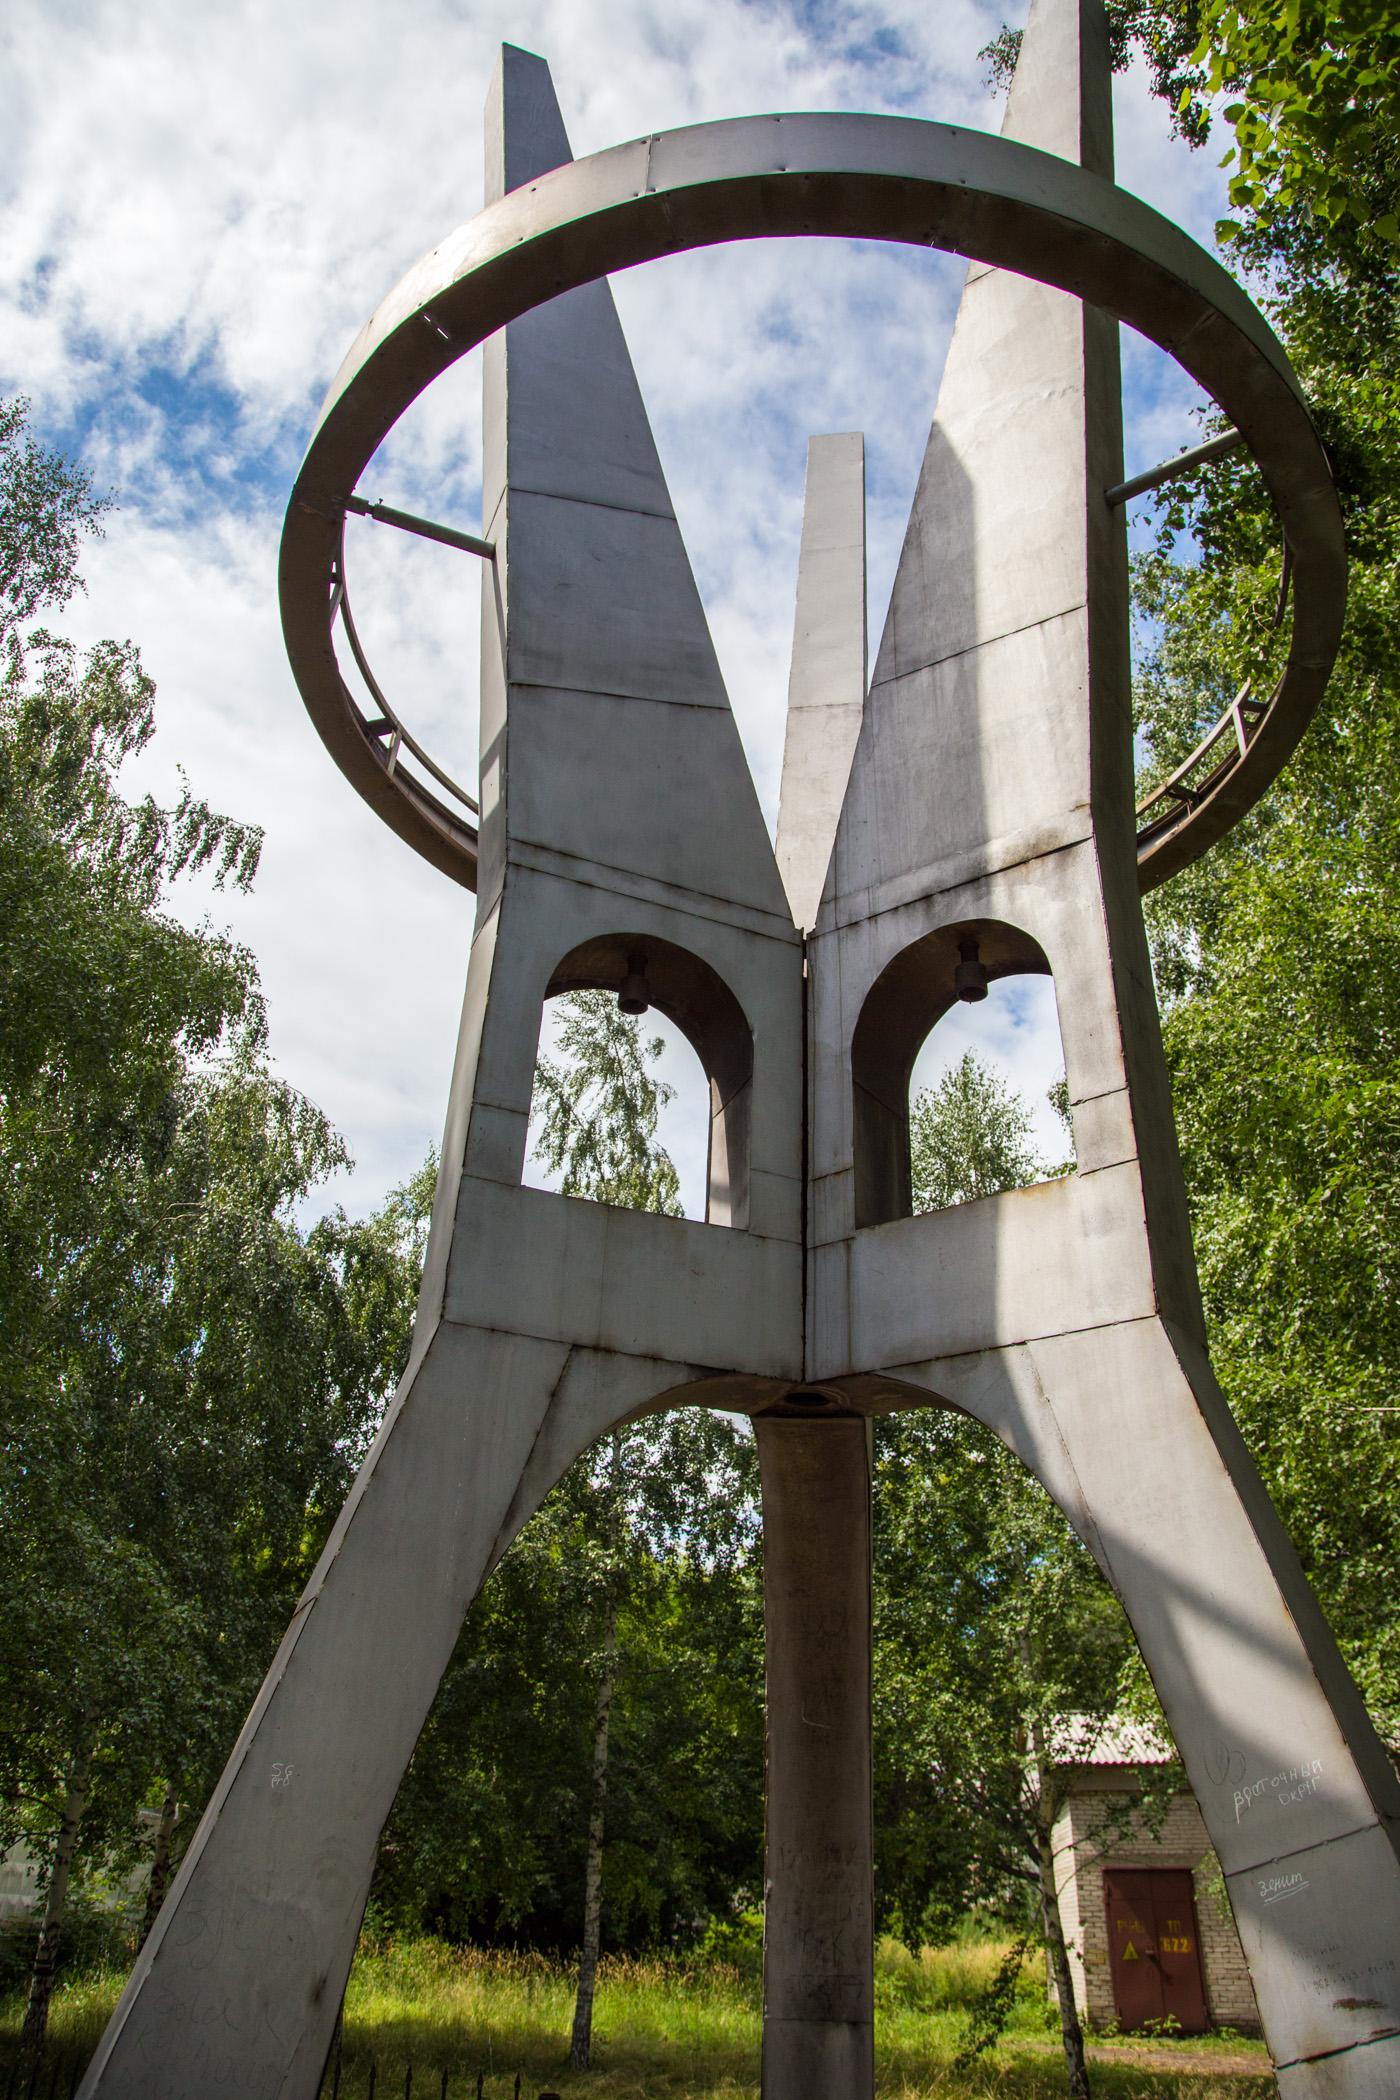 Остатки памятника японским военнопленным в Барнауле, установленного в 1996 году. Сейчас не хватает колоколов, которые висели в проемах, и должны были рассказывать живым о погибших.